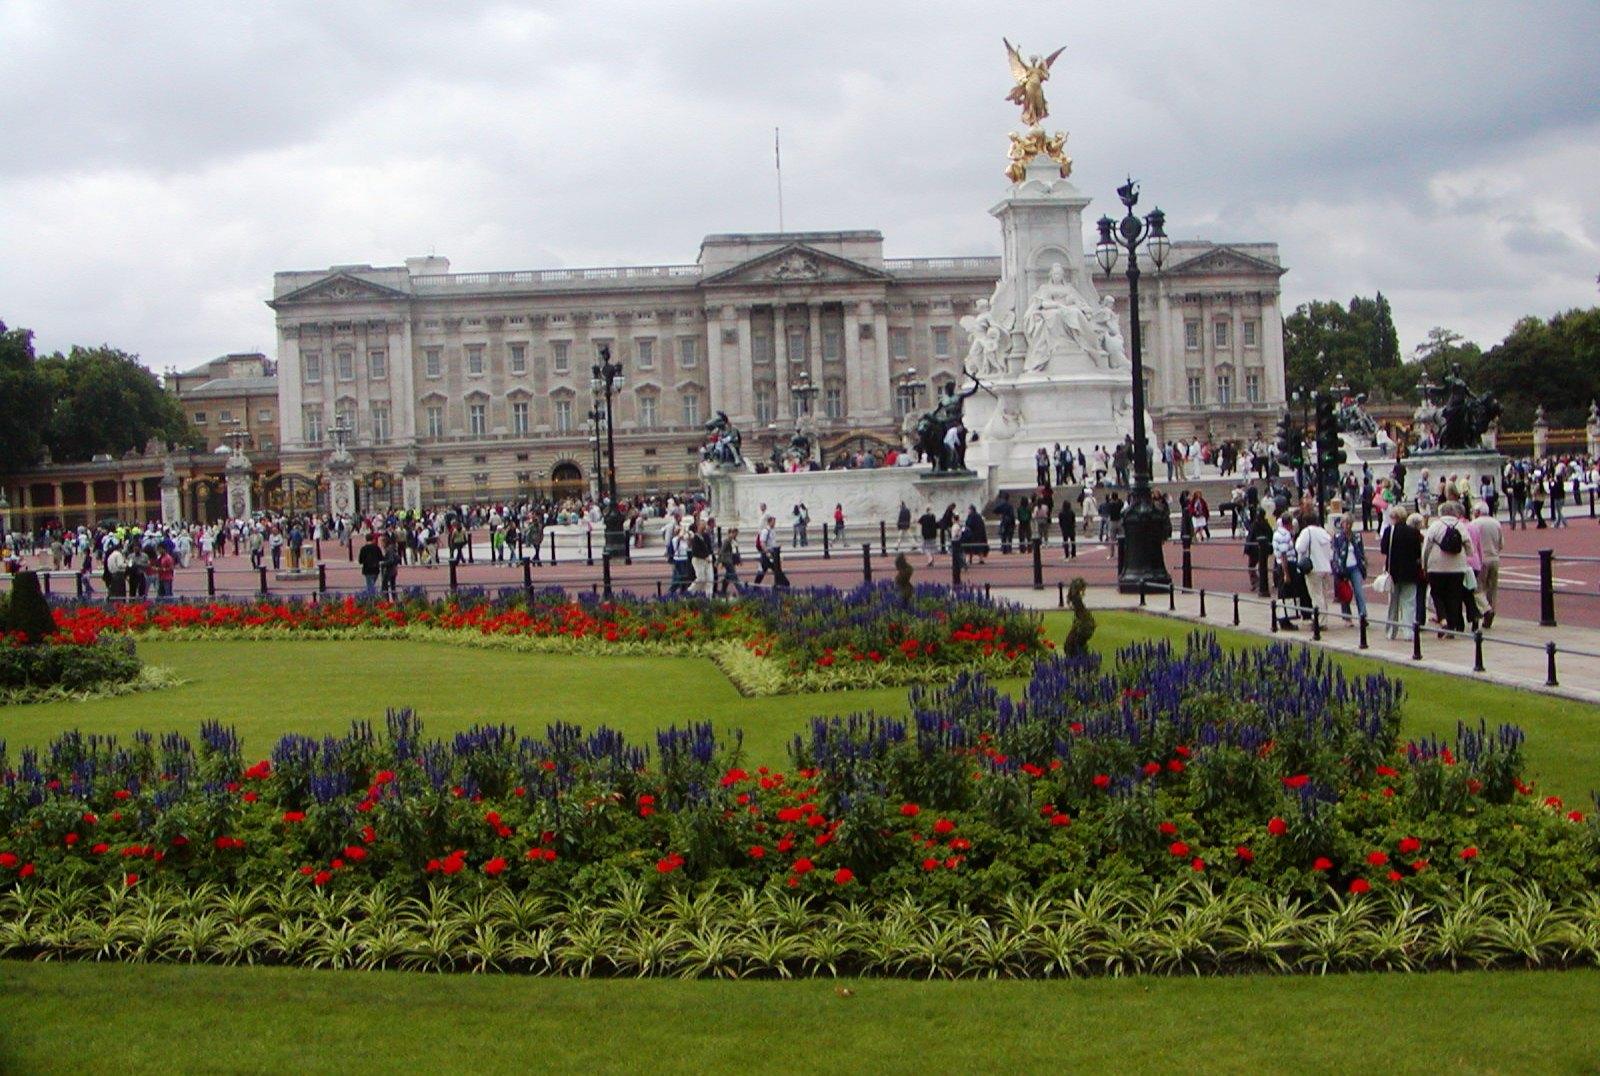 Velká Británie - Anglie - Londýn, Buckinghamský palác